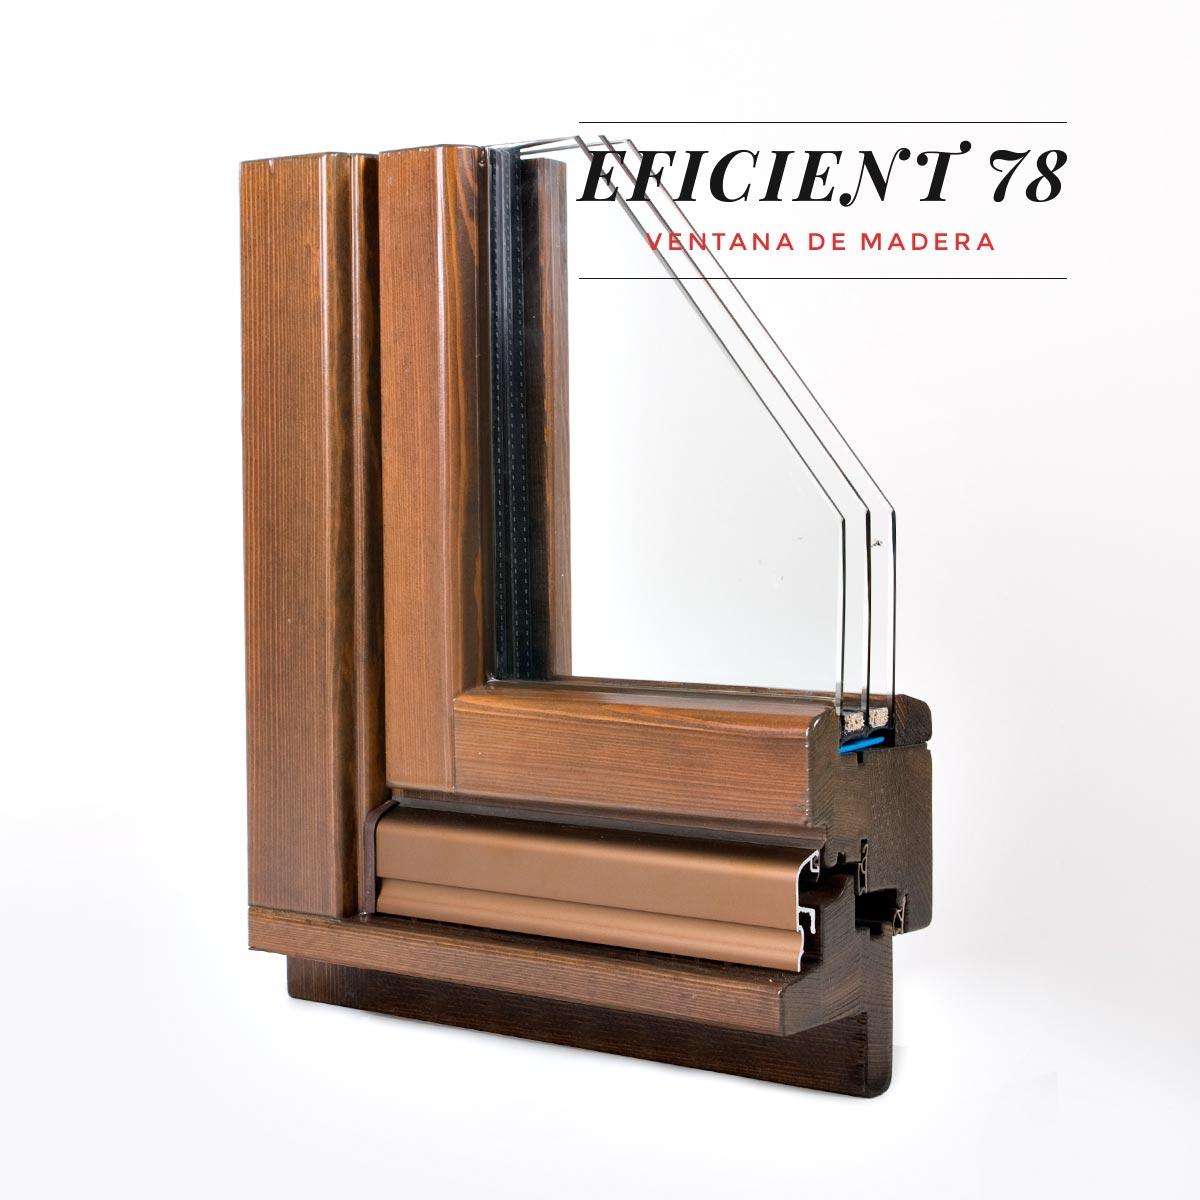 finestra de fusta Eficient 78 Carreté Finestres triple junta goma